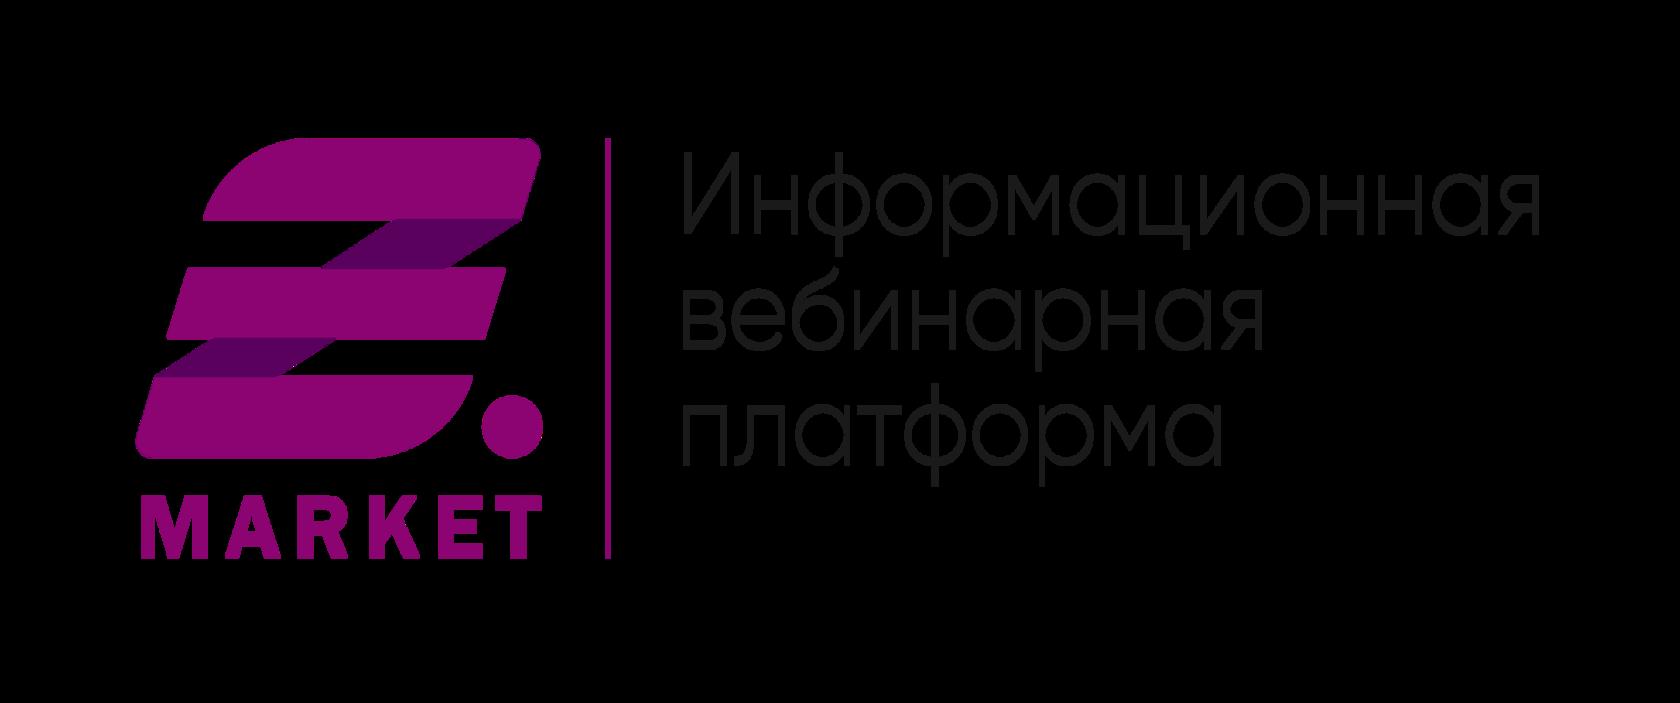 Информационная вебинарная платформа